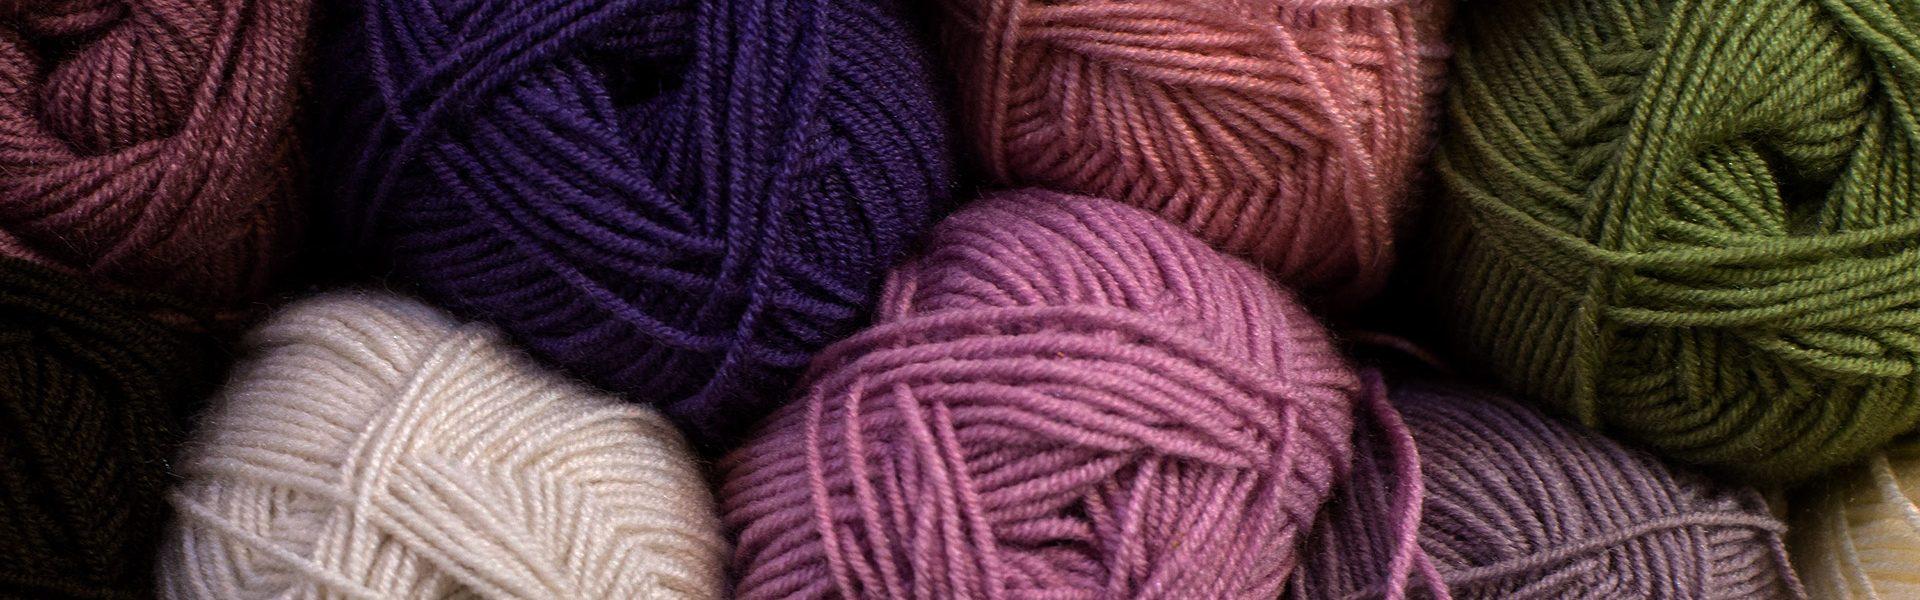 Wool 'n' Yarn